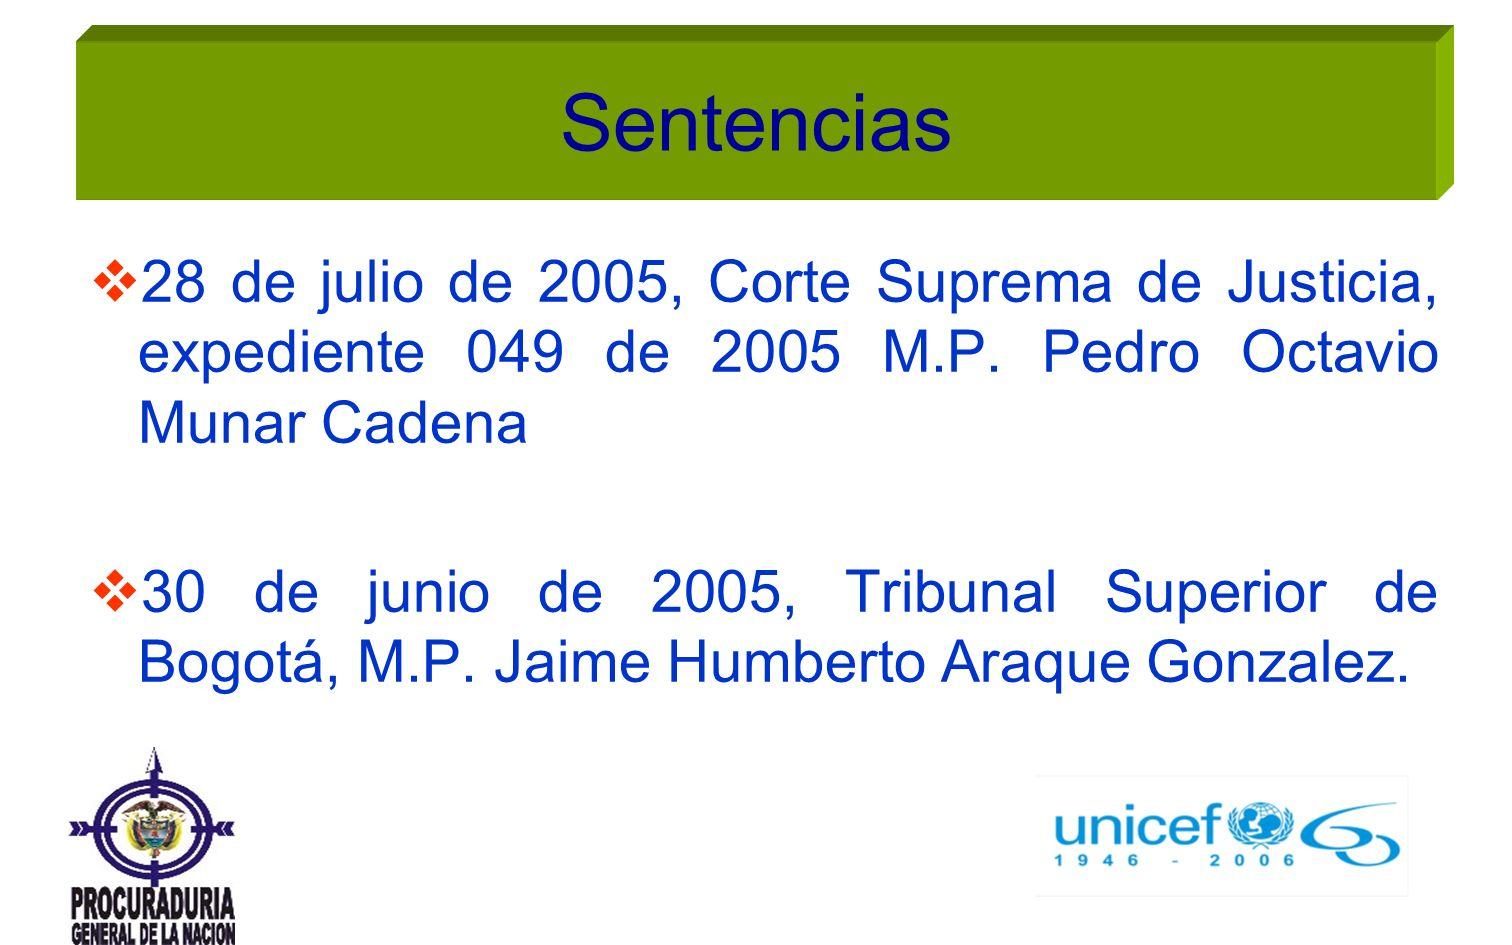 Sentencias 28 de julio de 2005, Corte Suprema de Justicia, expediente 049 de 2005 M.P. Pedro Octavio Munar Cadena.